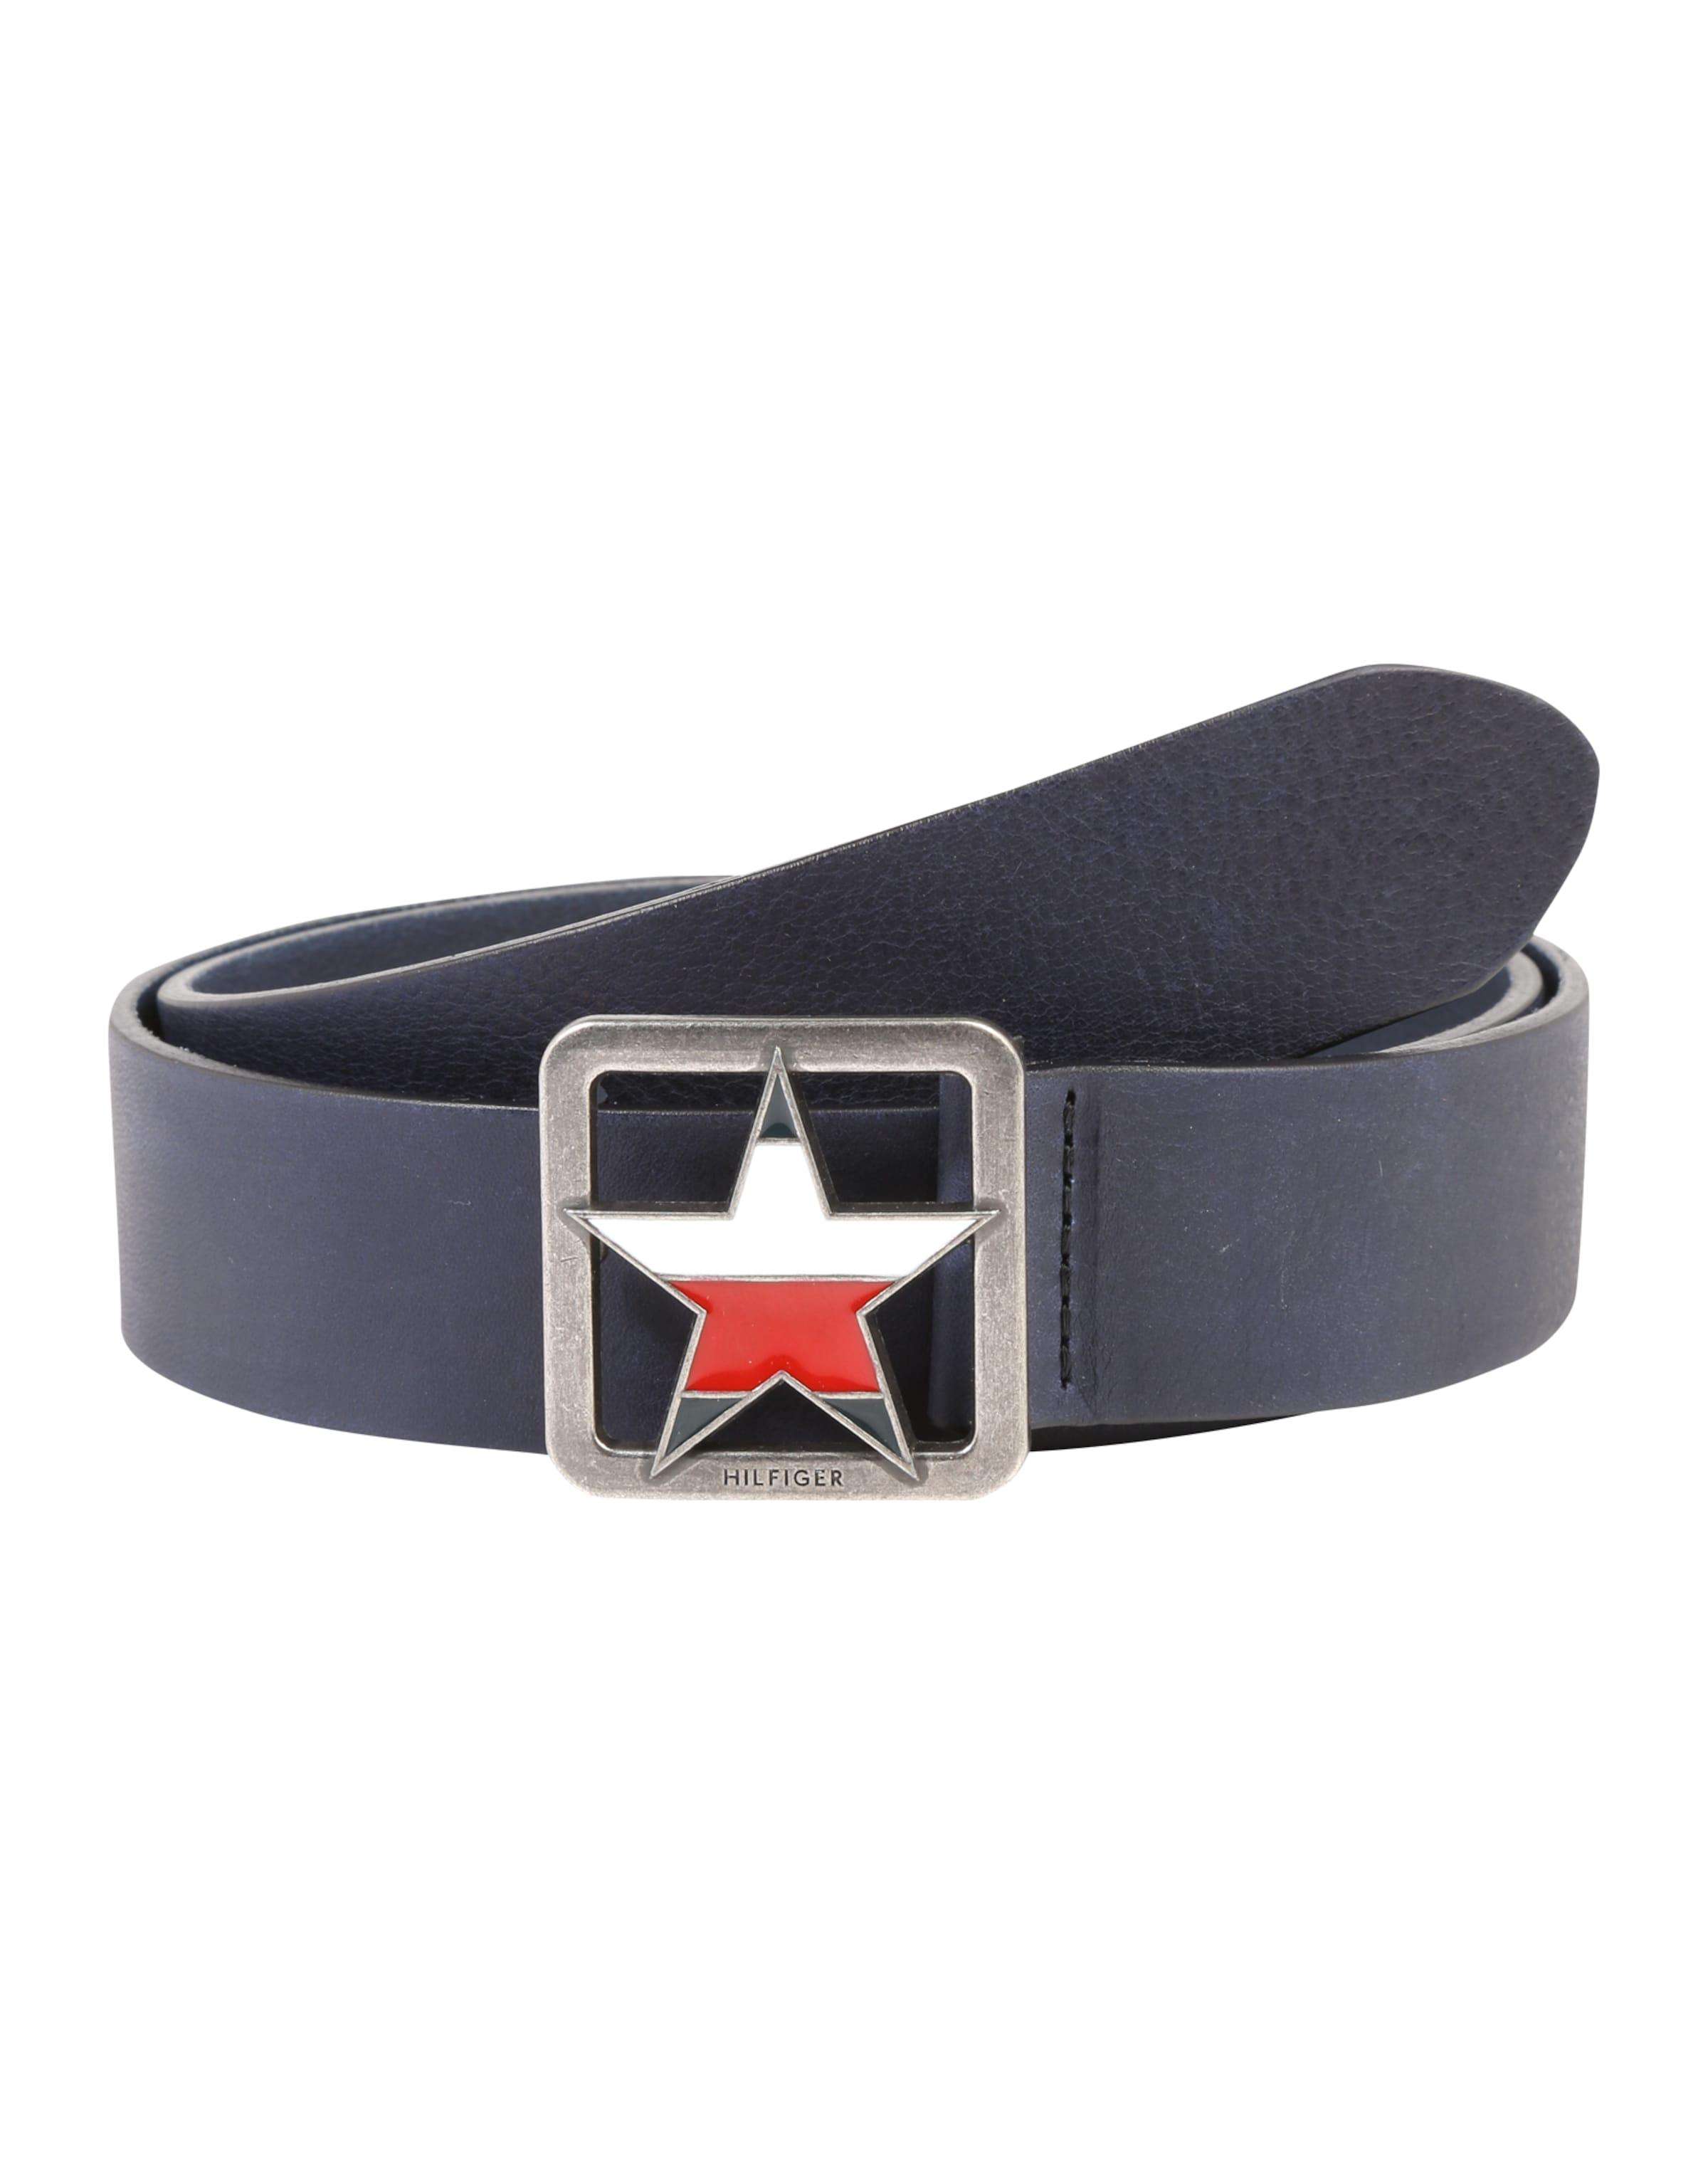 Verkauf 2018 Unisex Tommy Jeans Gürtel 'THD Star' Auslass Heißen Verkauf Rabatt Wiki Freie Verschiffen-Websites 4exz5wDbPW